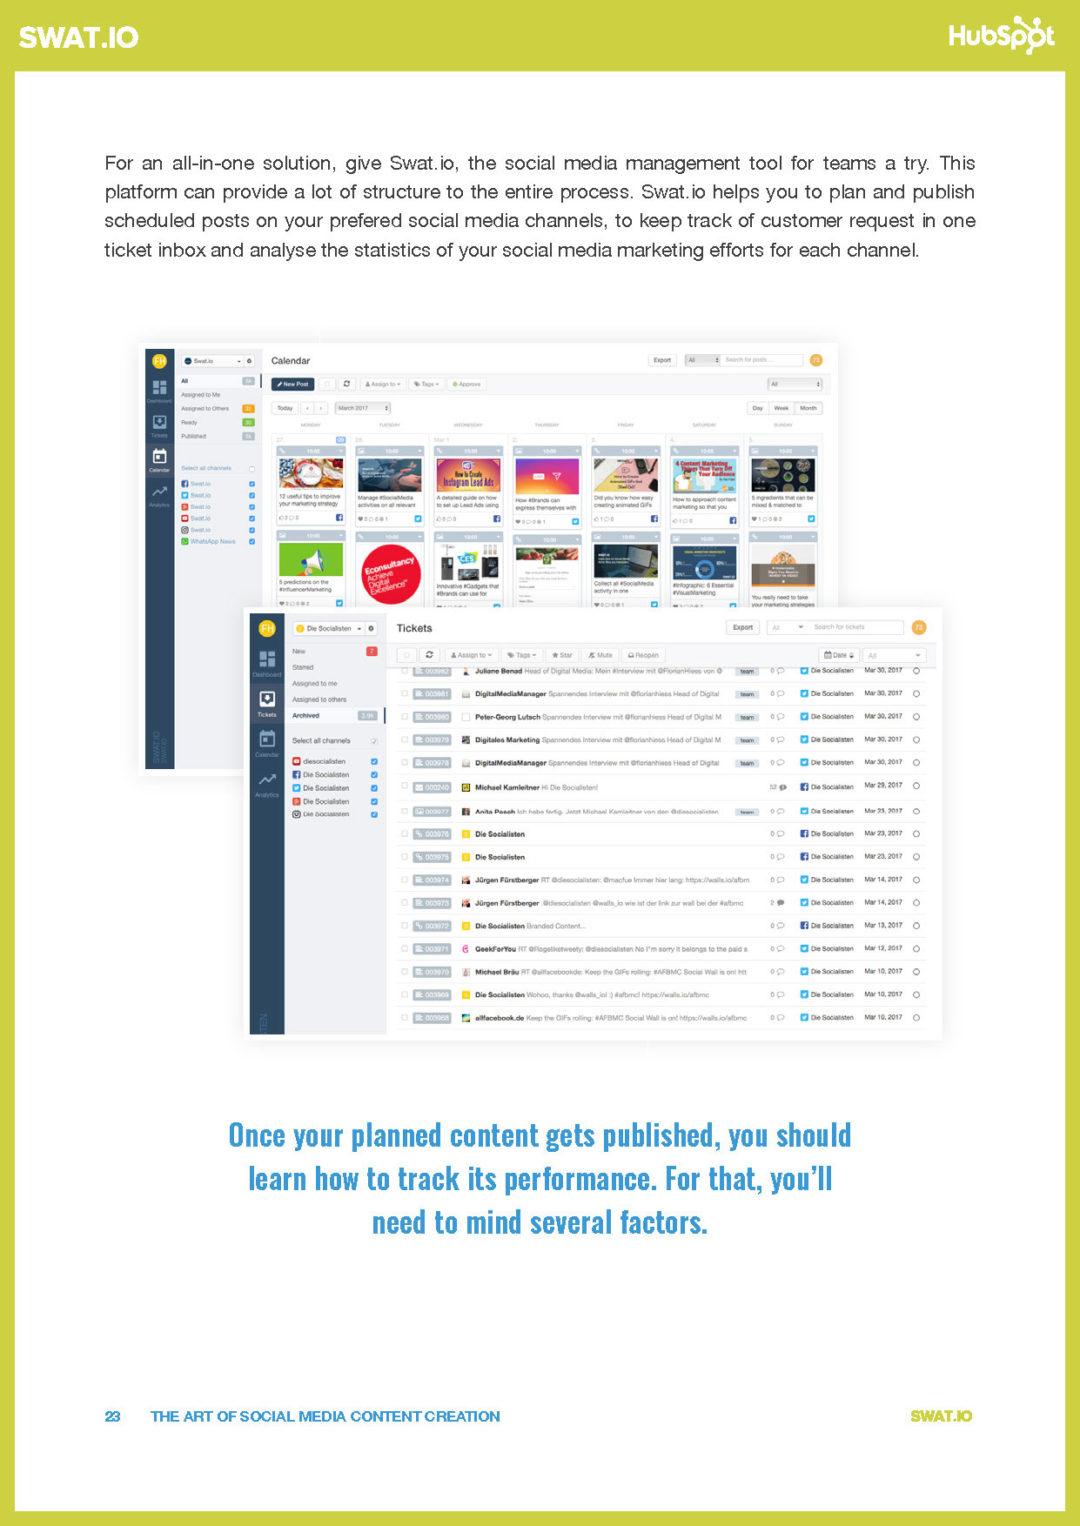 Die Kunst der Social Media Content Kreation 6